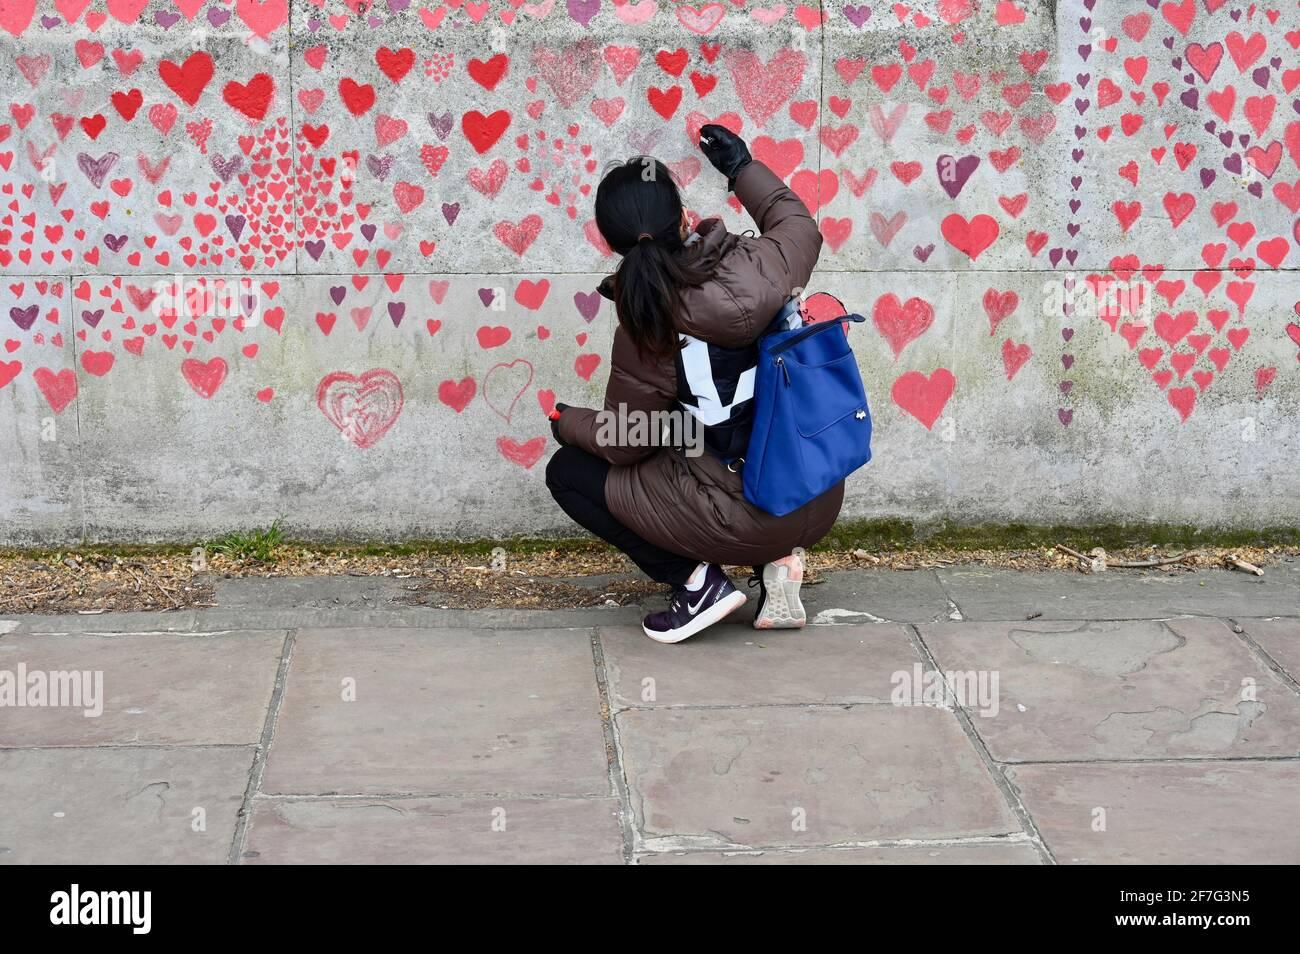 Londres. REINO UNIDO. Los corazones siguen siendo añadidos al Muro Conmemorativo Nacional Covid en el Hospital St. Thomas de Westminster, en memoria de aquellos que han muerto de coronavirus durante la pandemia. Foto de stock